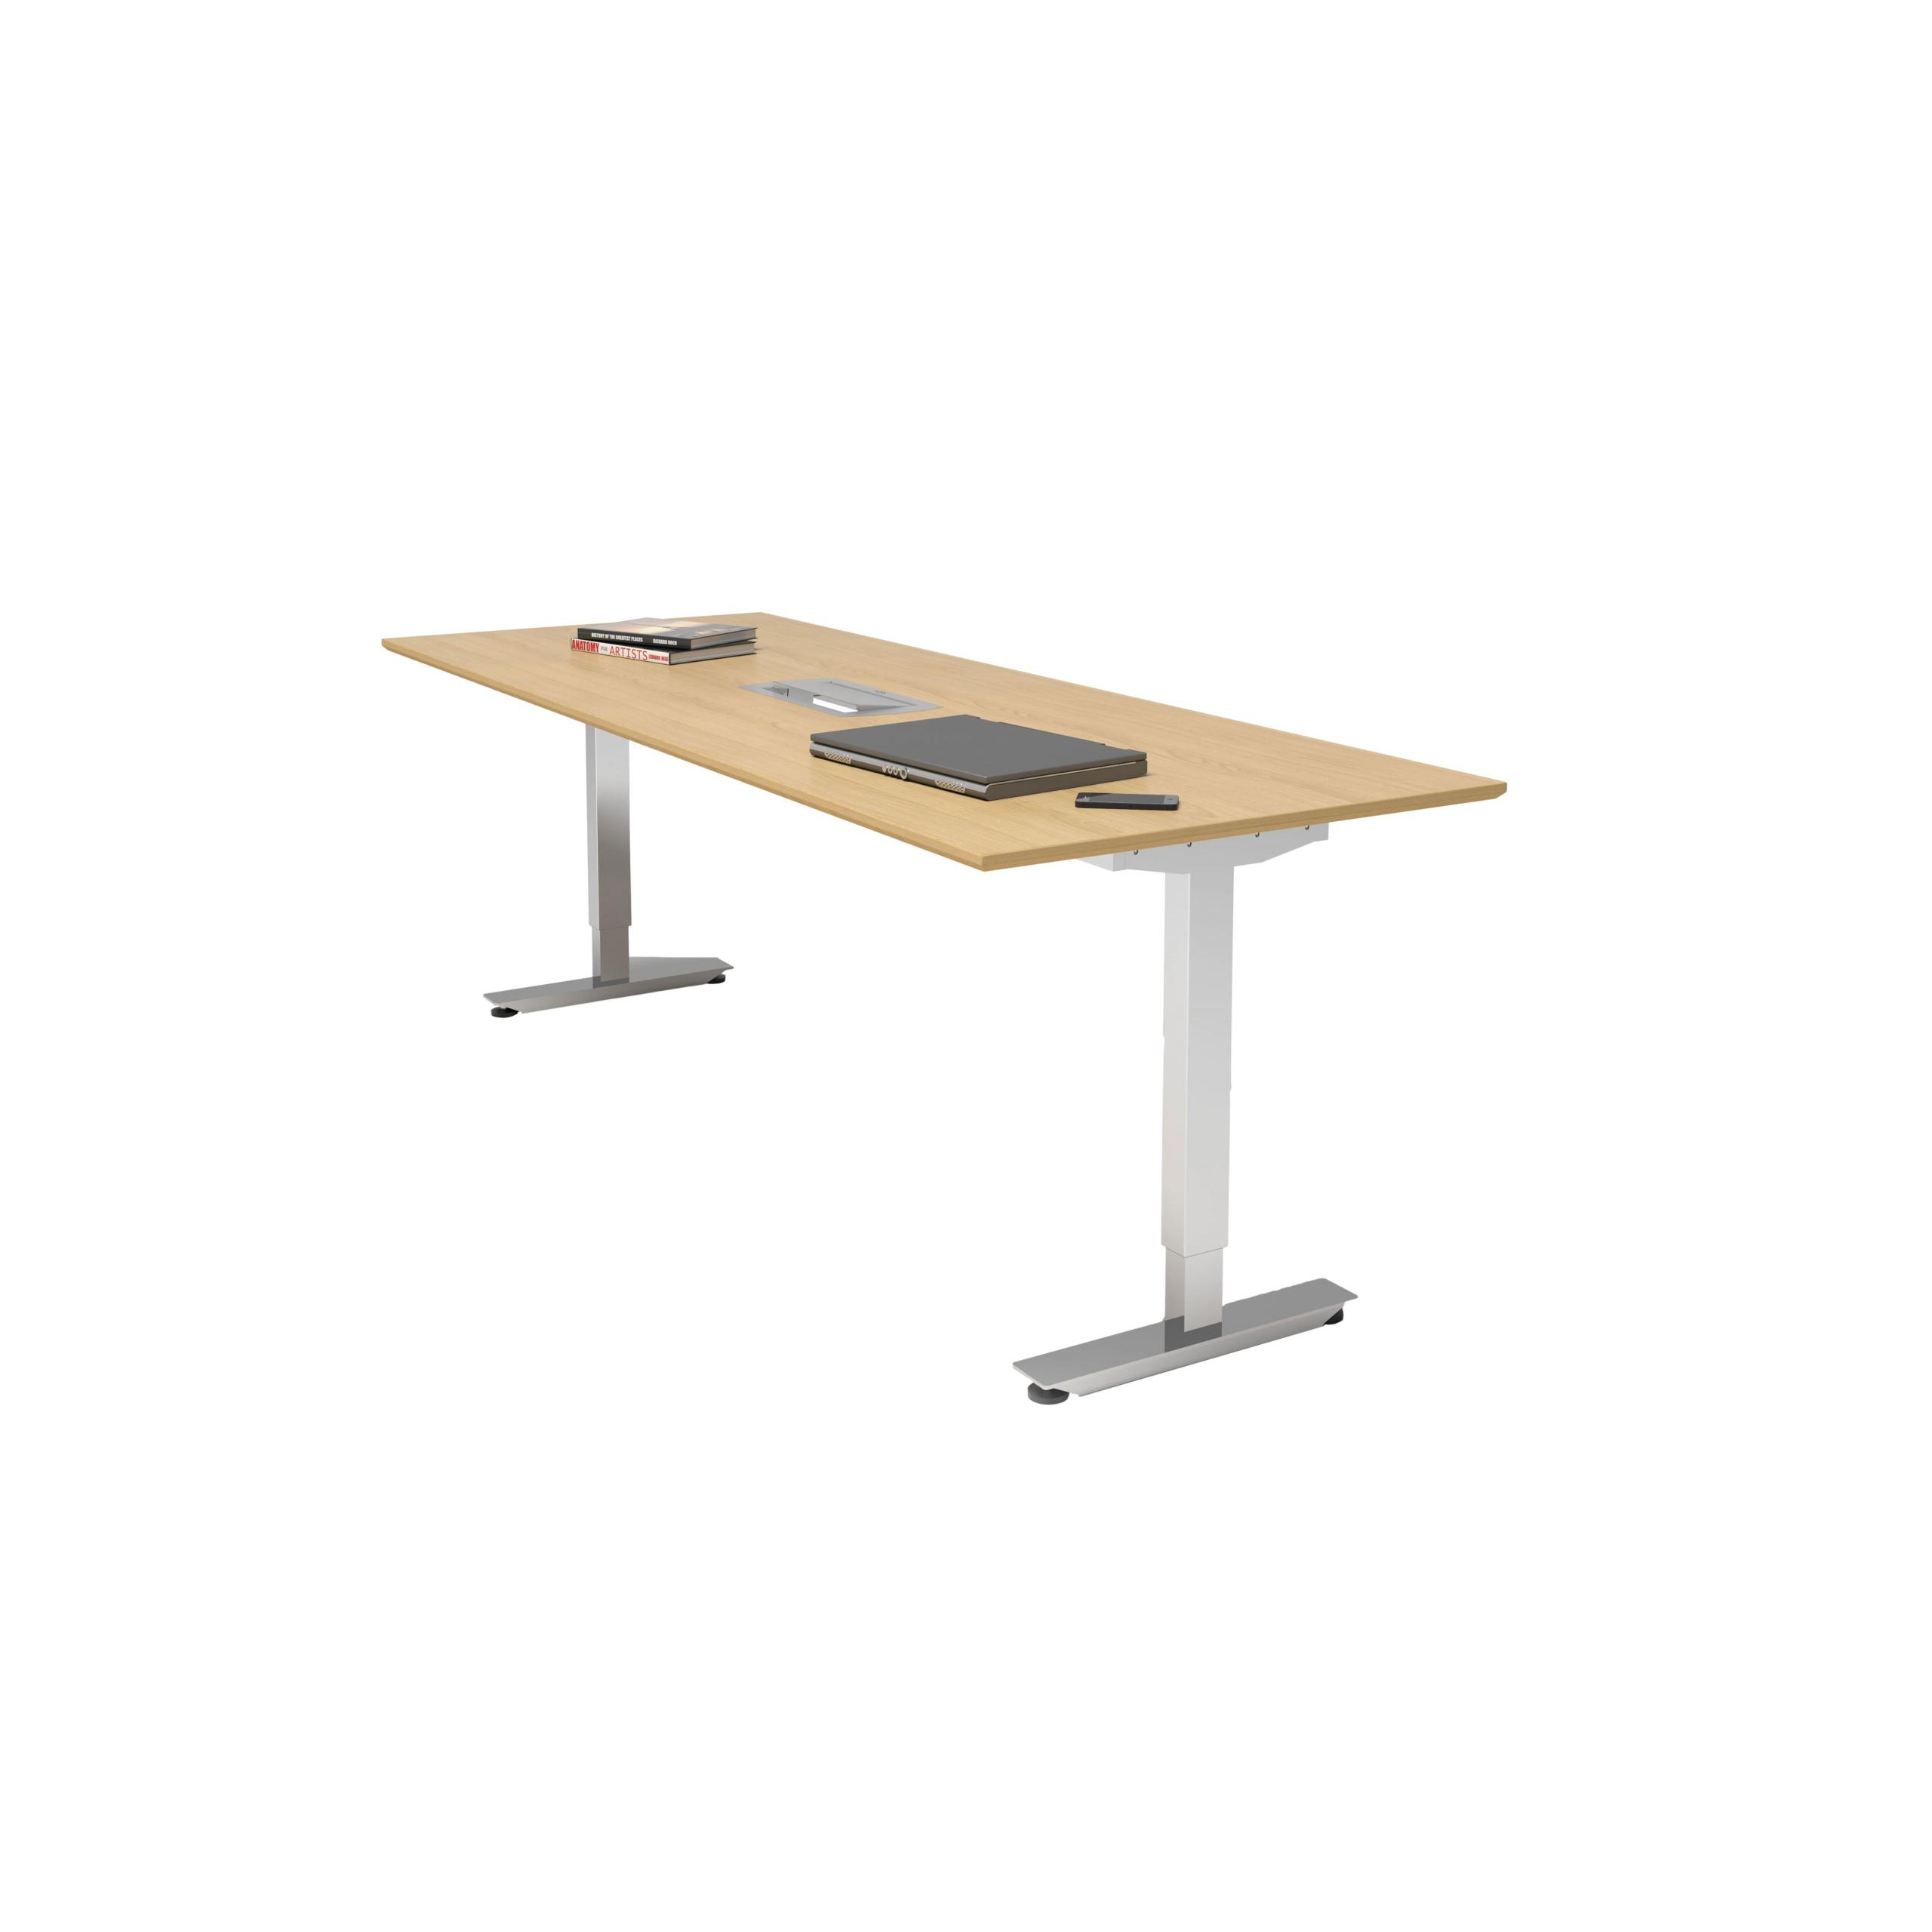 Izi Effect Skrivbord / mötesbord produktbild 3